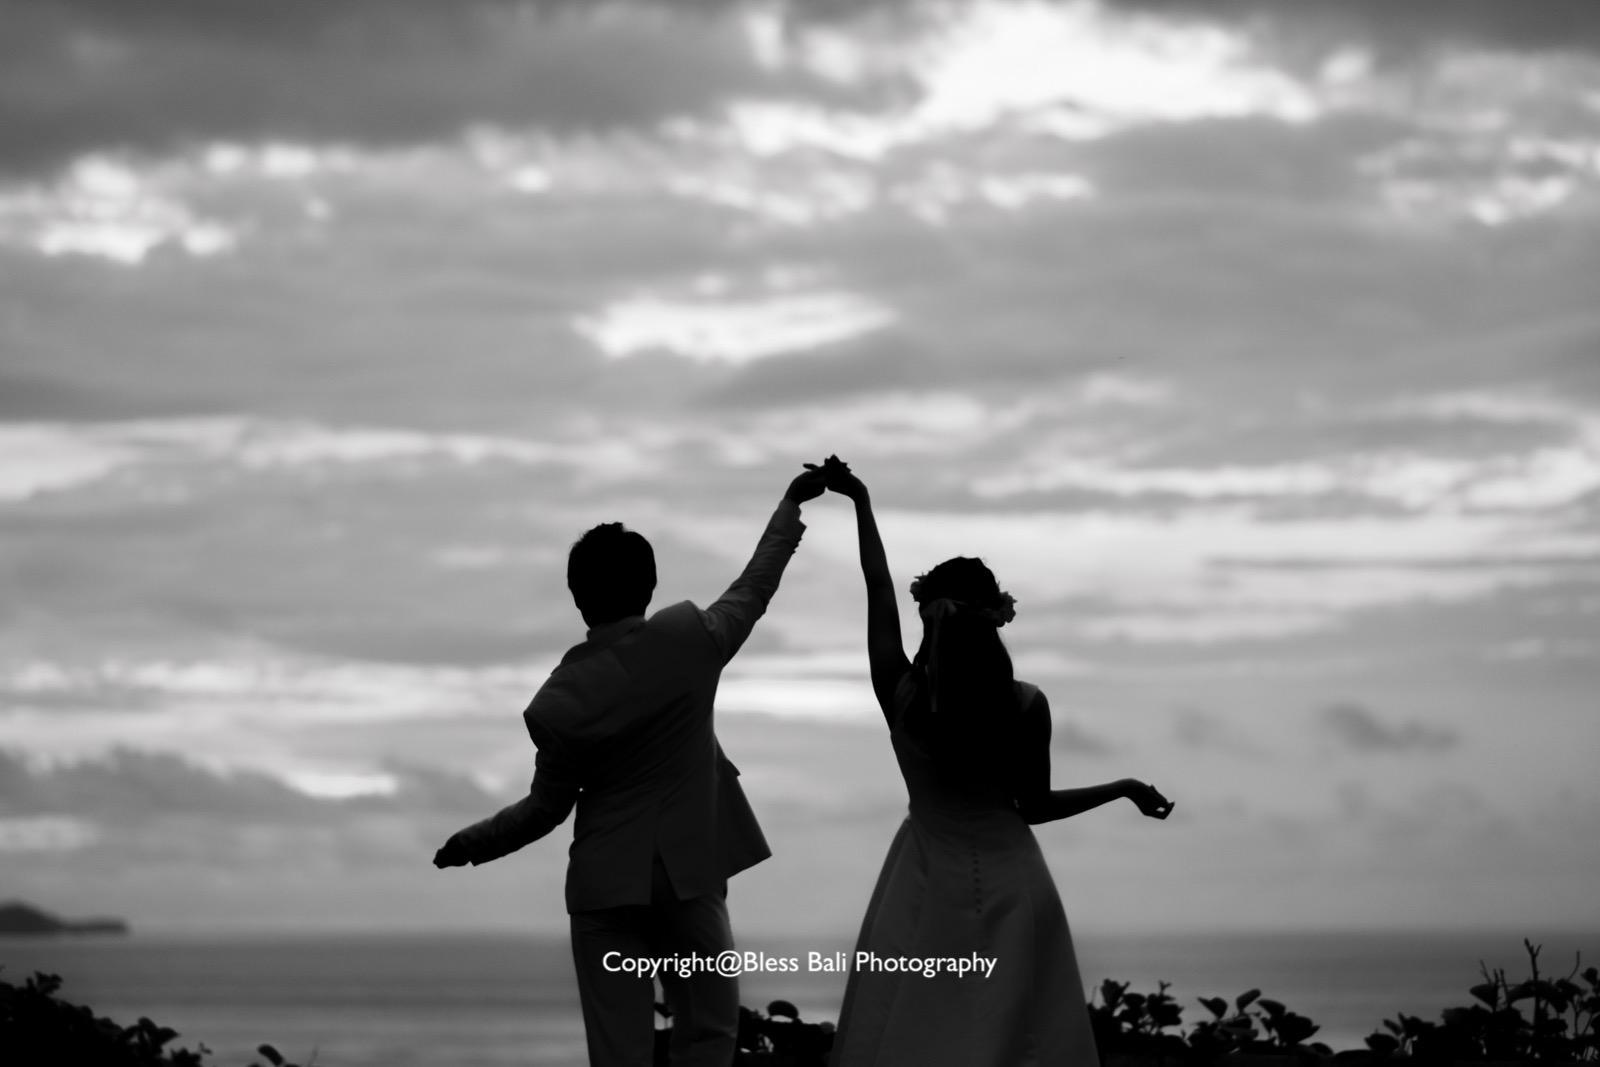 夕日のダンスショット